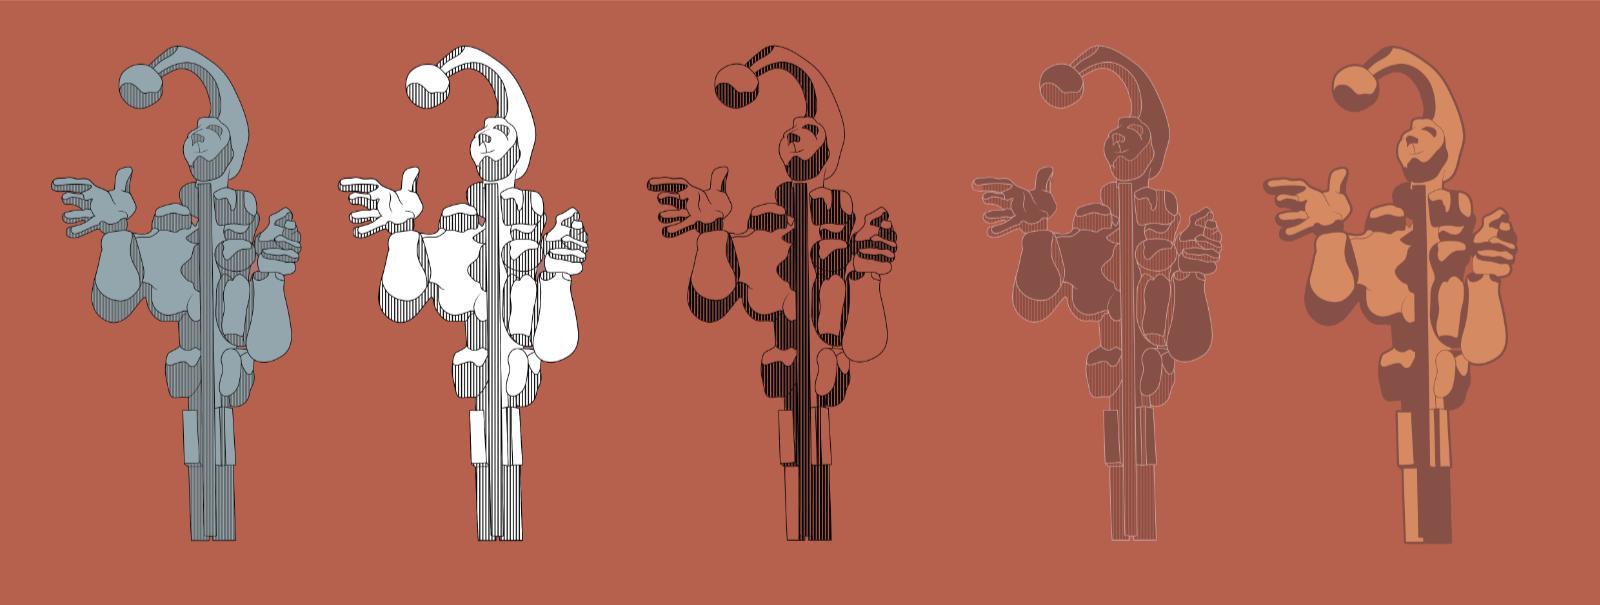 Årsta ikoner, färgsättning. Bild: Hummingbirds.